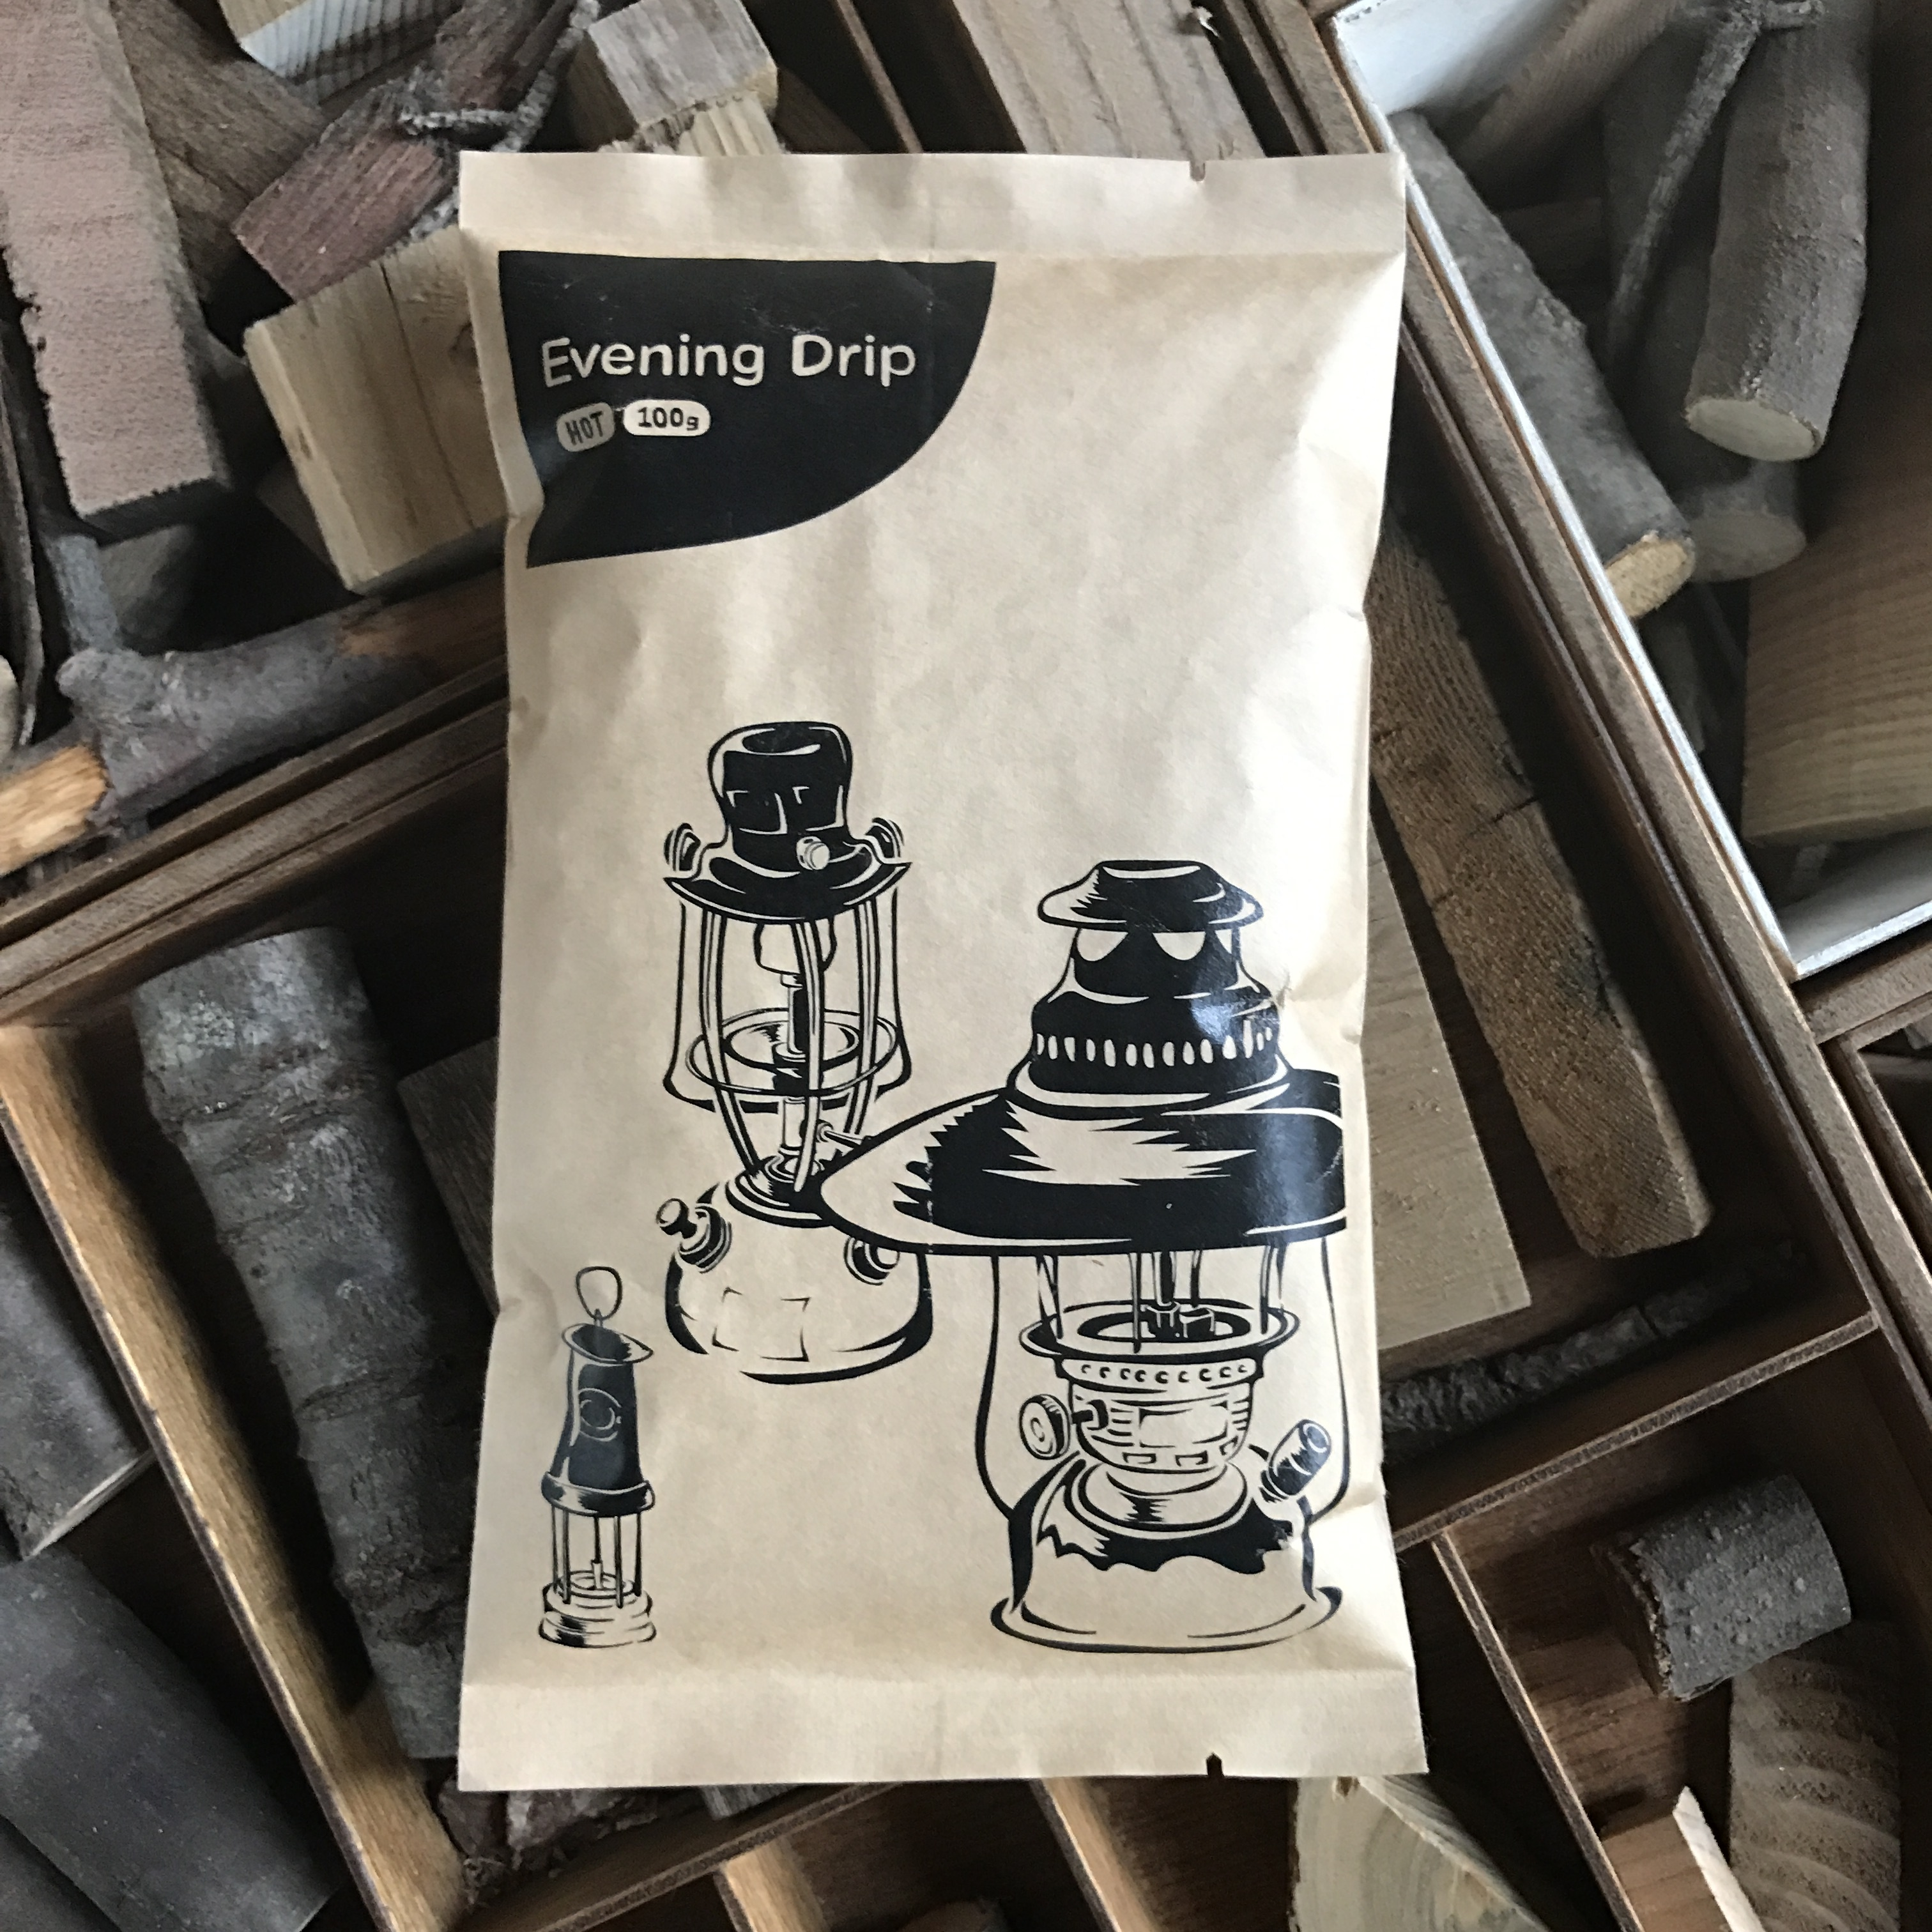 粉or豆 Evening Drip 100